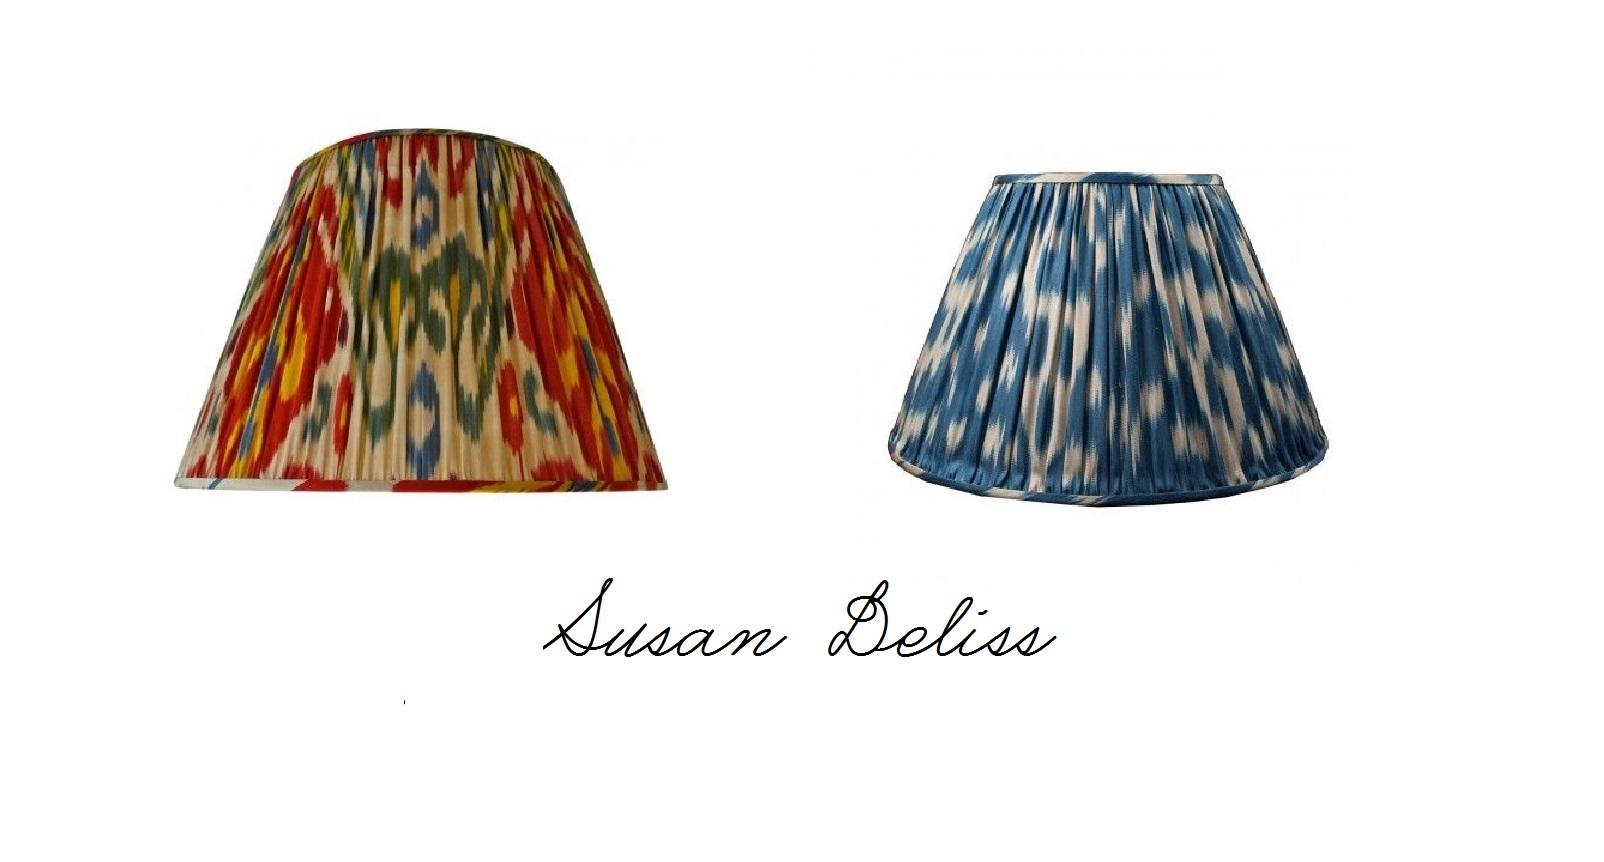 Susan Deliss_ikat